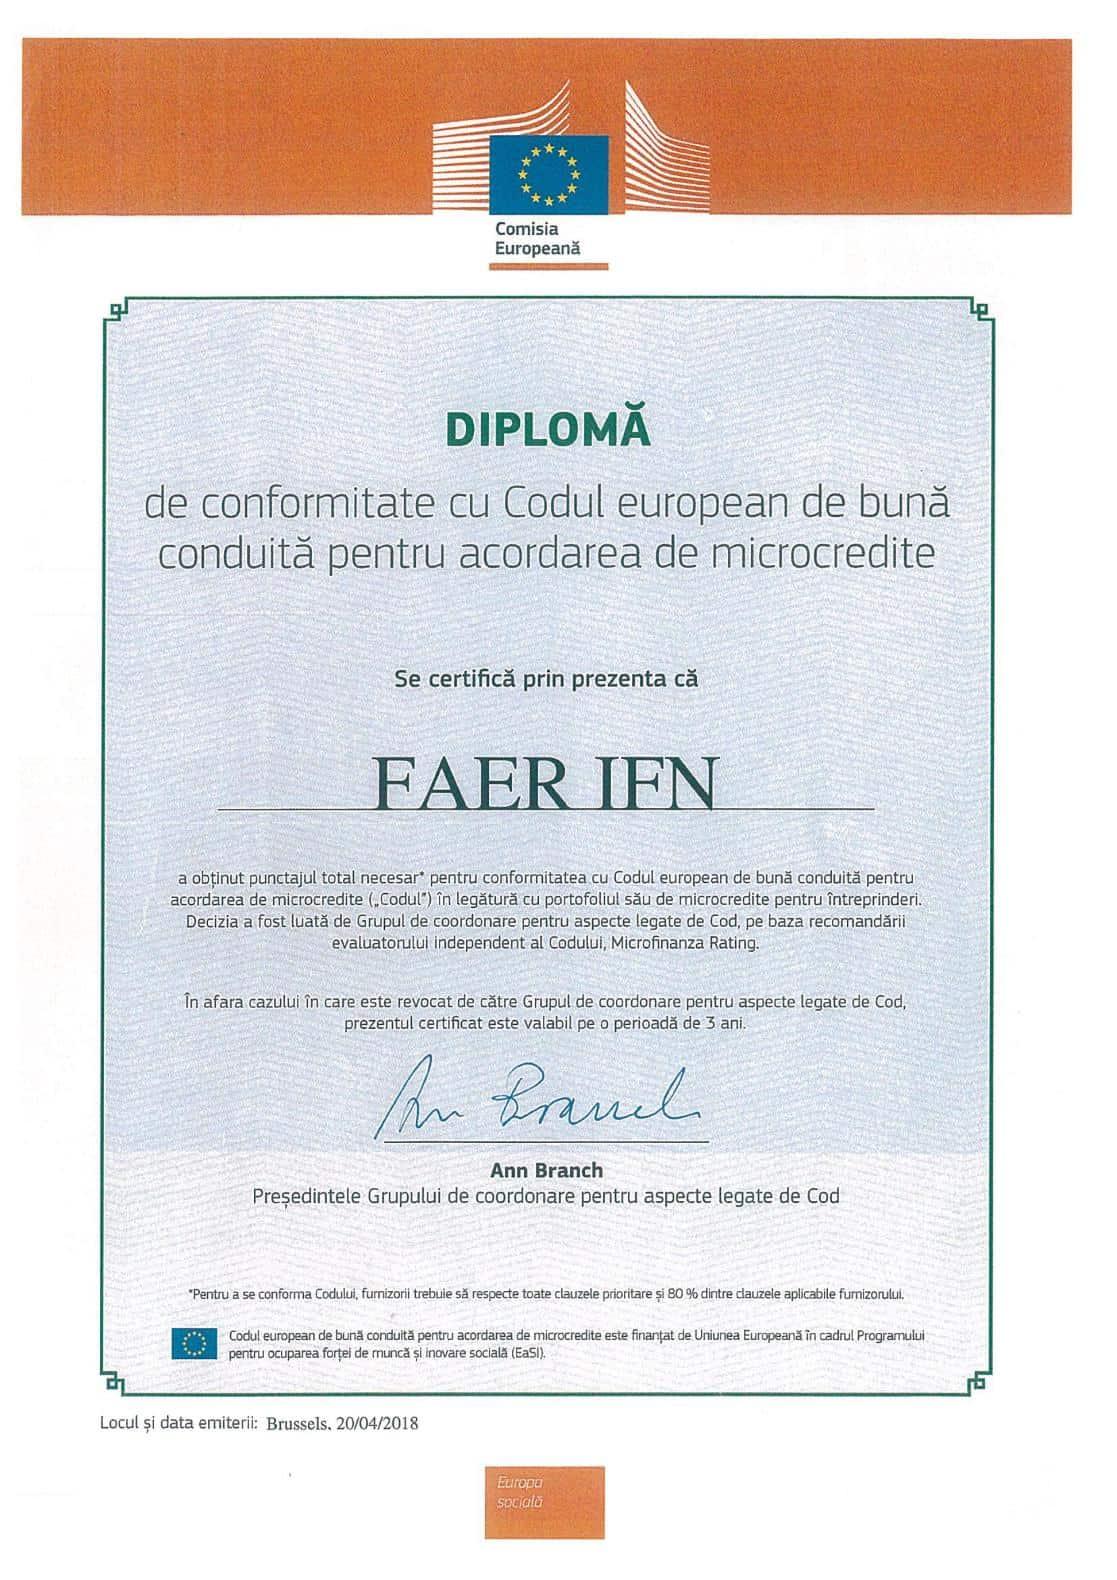 Diploma de conformitate cu Codul European de buna conduita